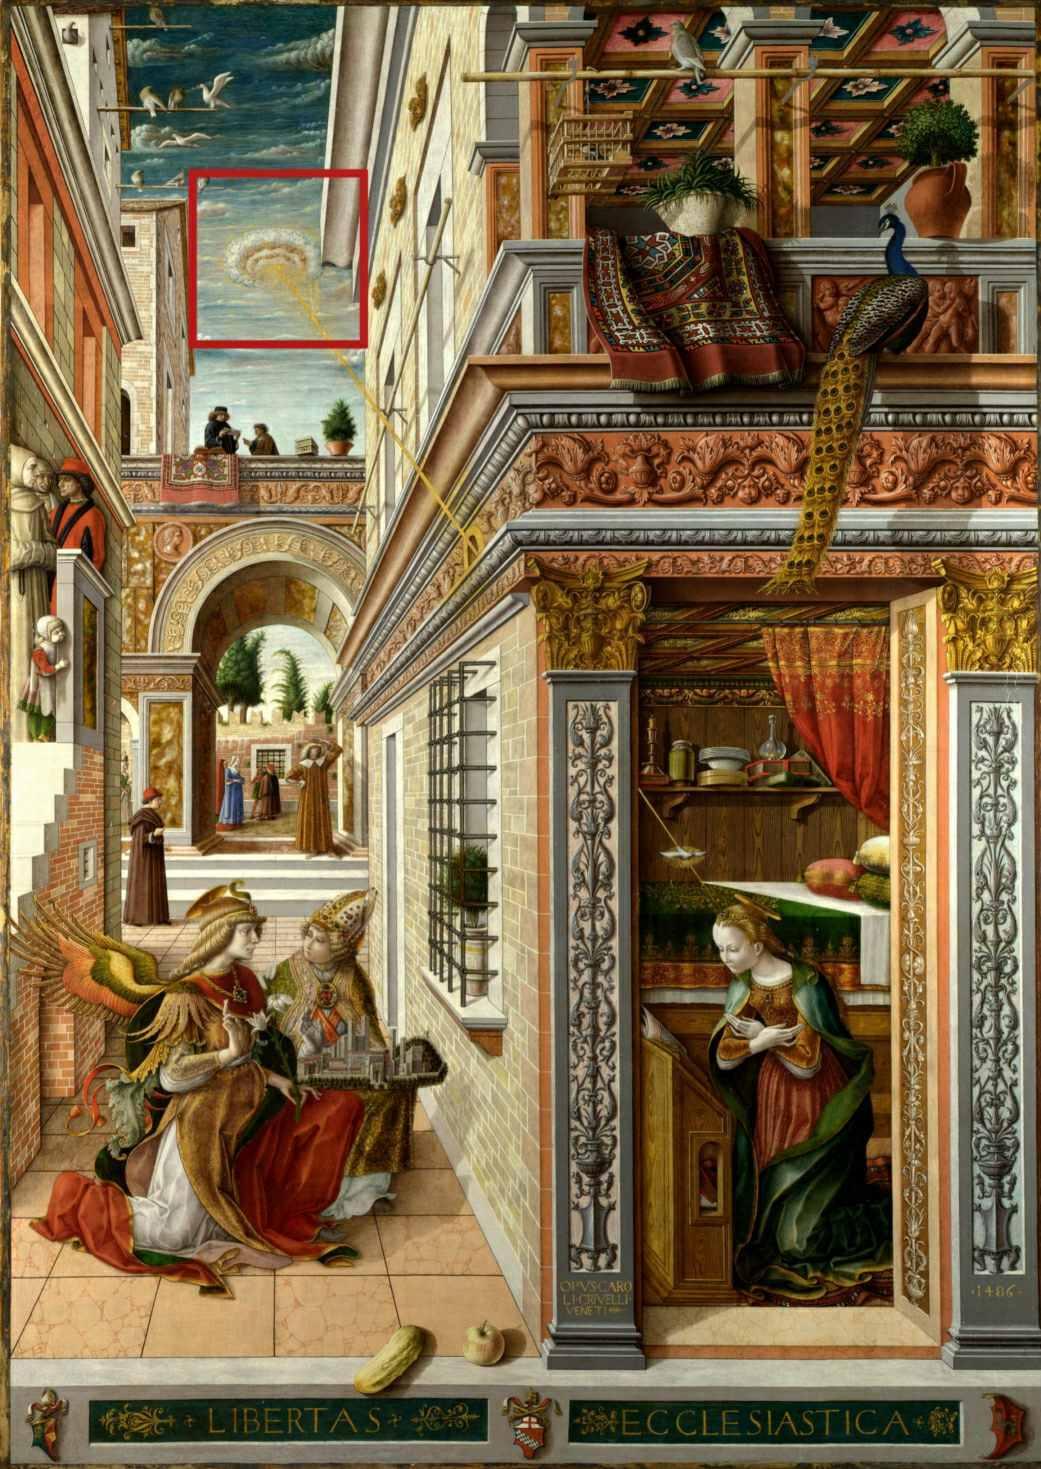 Ο Ευαγγελισμός, με τον Άγιο Εμίδιο